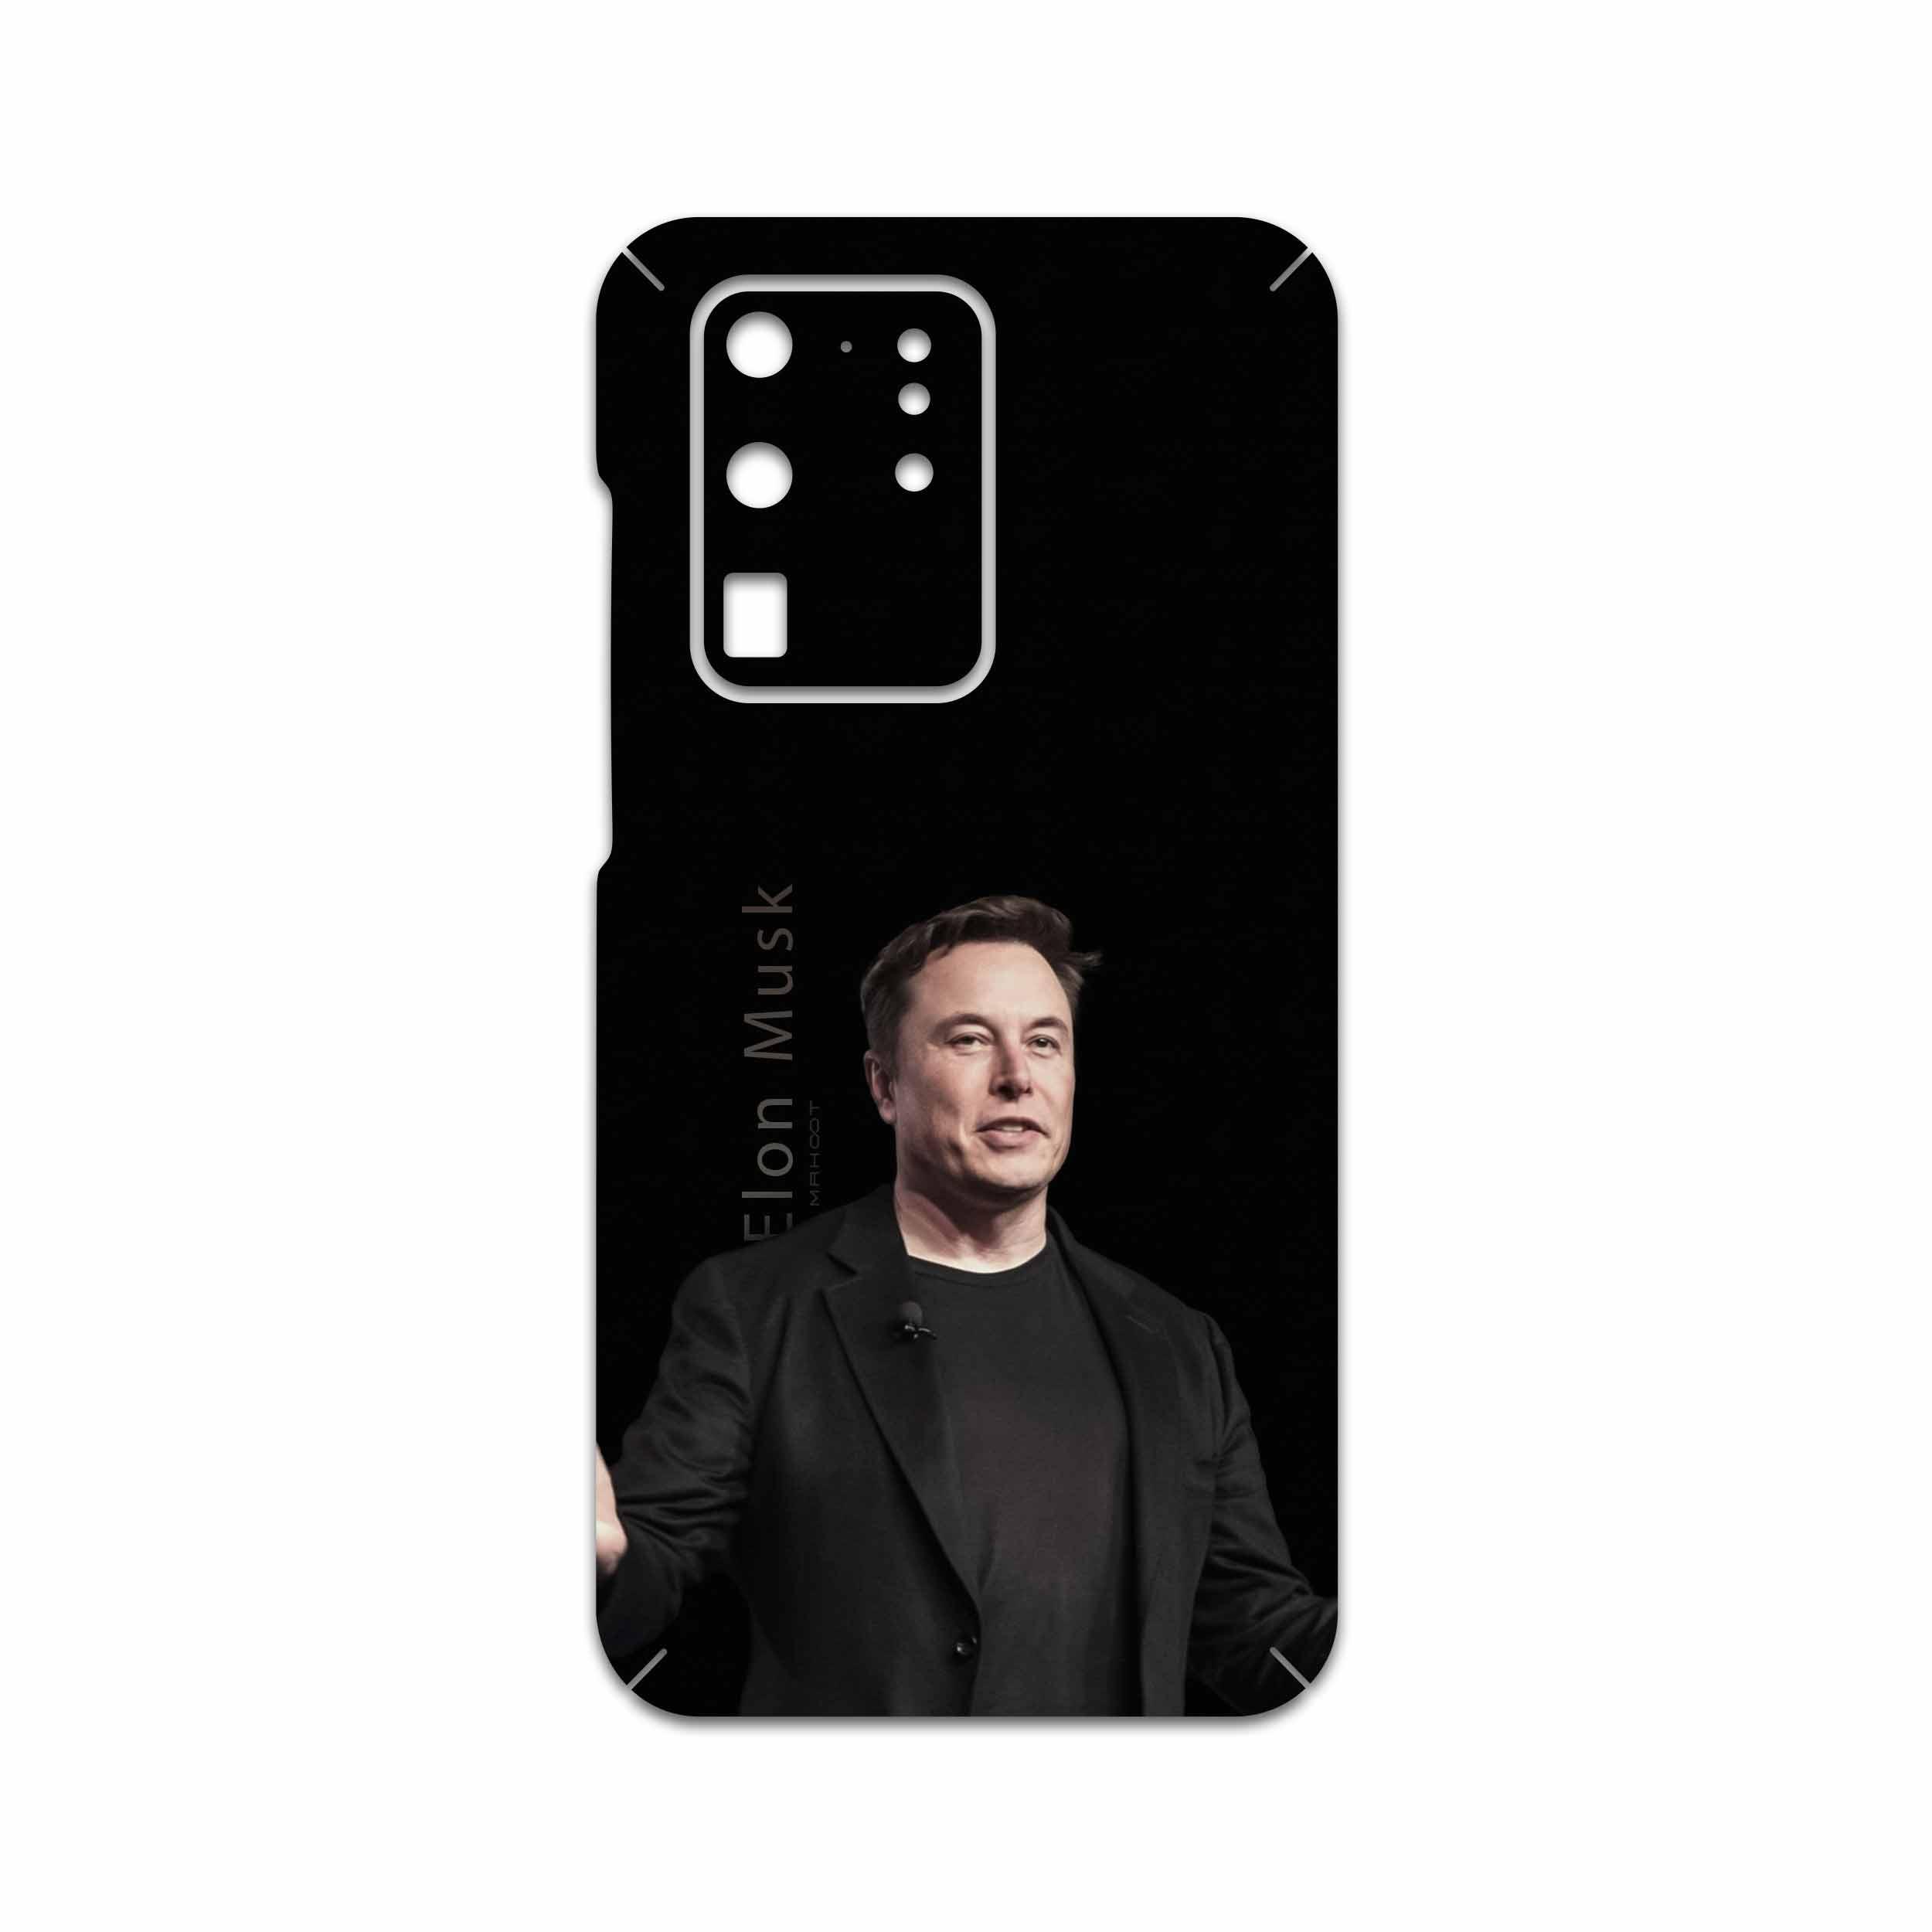 برچسب پوششی ماهوت مدل Elon Musk مناسب برای گوشی موبایل سامسونگ Galaxy S20 Ultra